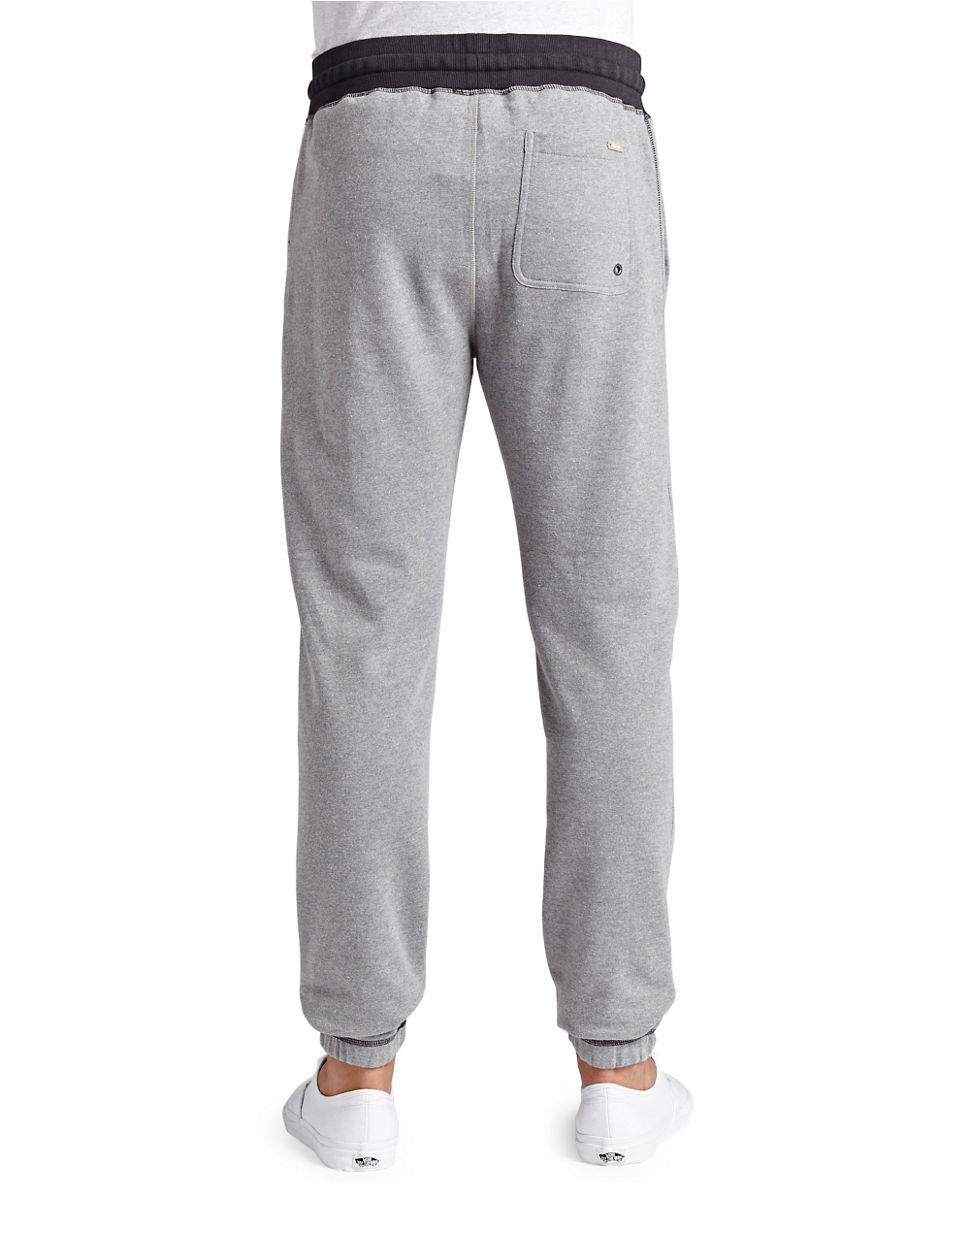 Luxury 24 New Jogger Pants For Women Bench | Sobatapk.com